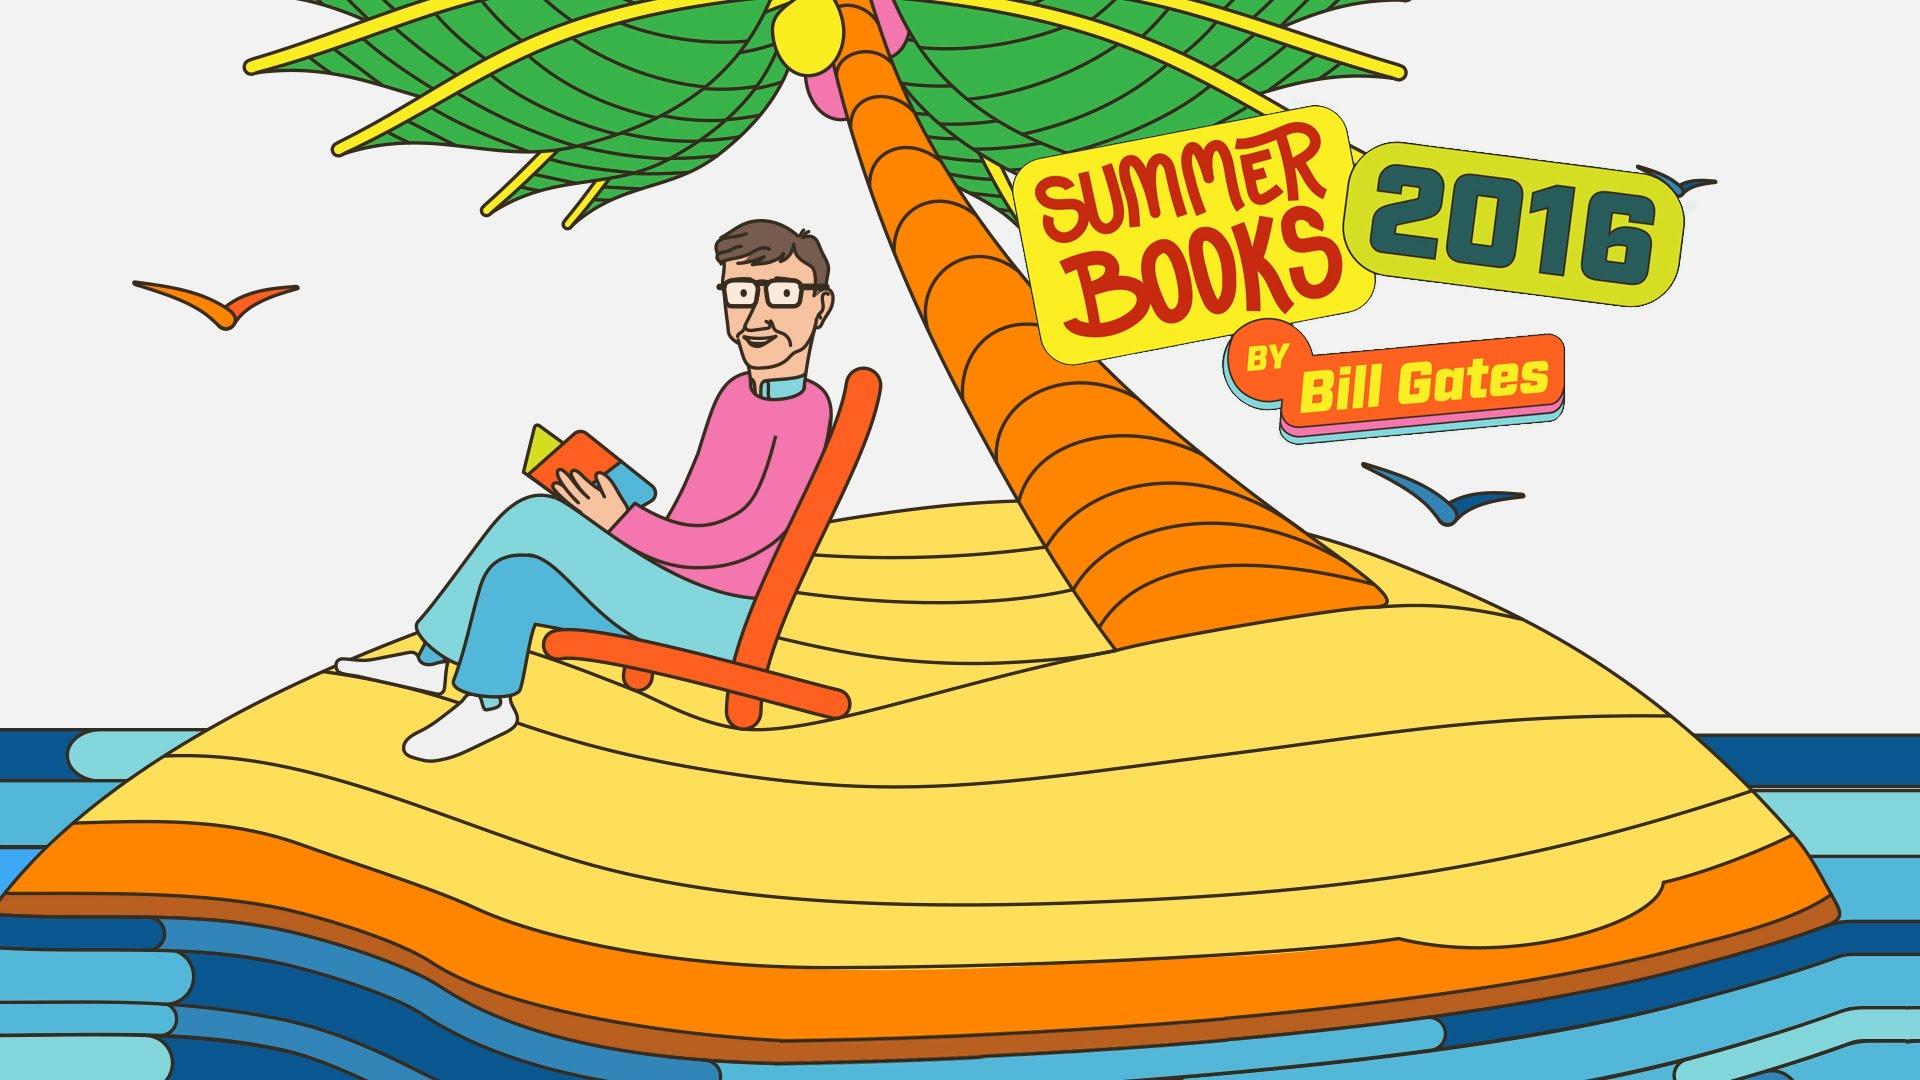 この夏読むべき、ビル・ゲイツ推薦書5選